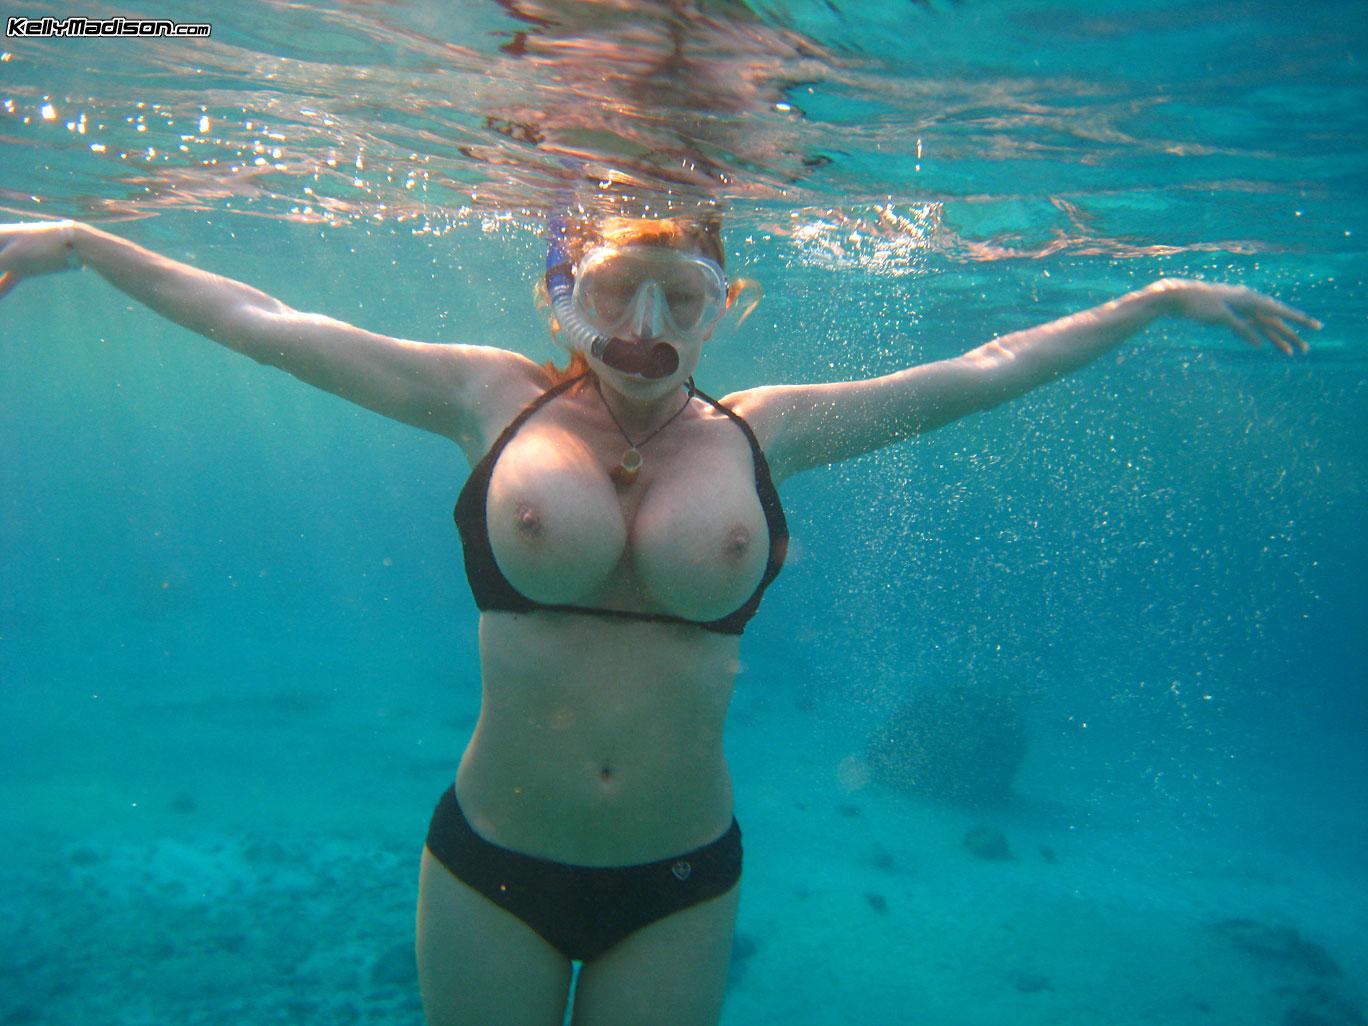 golie-devki-vode